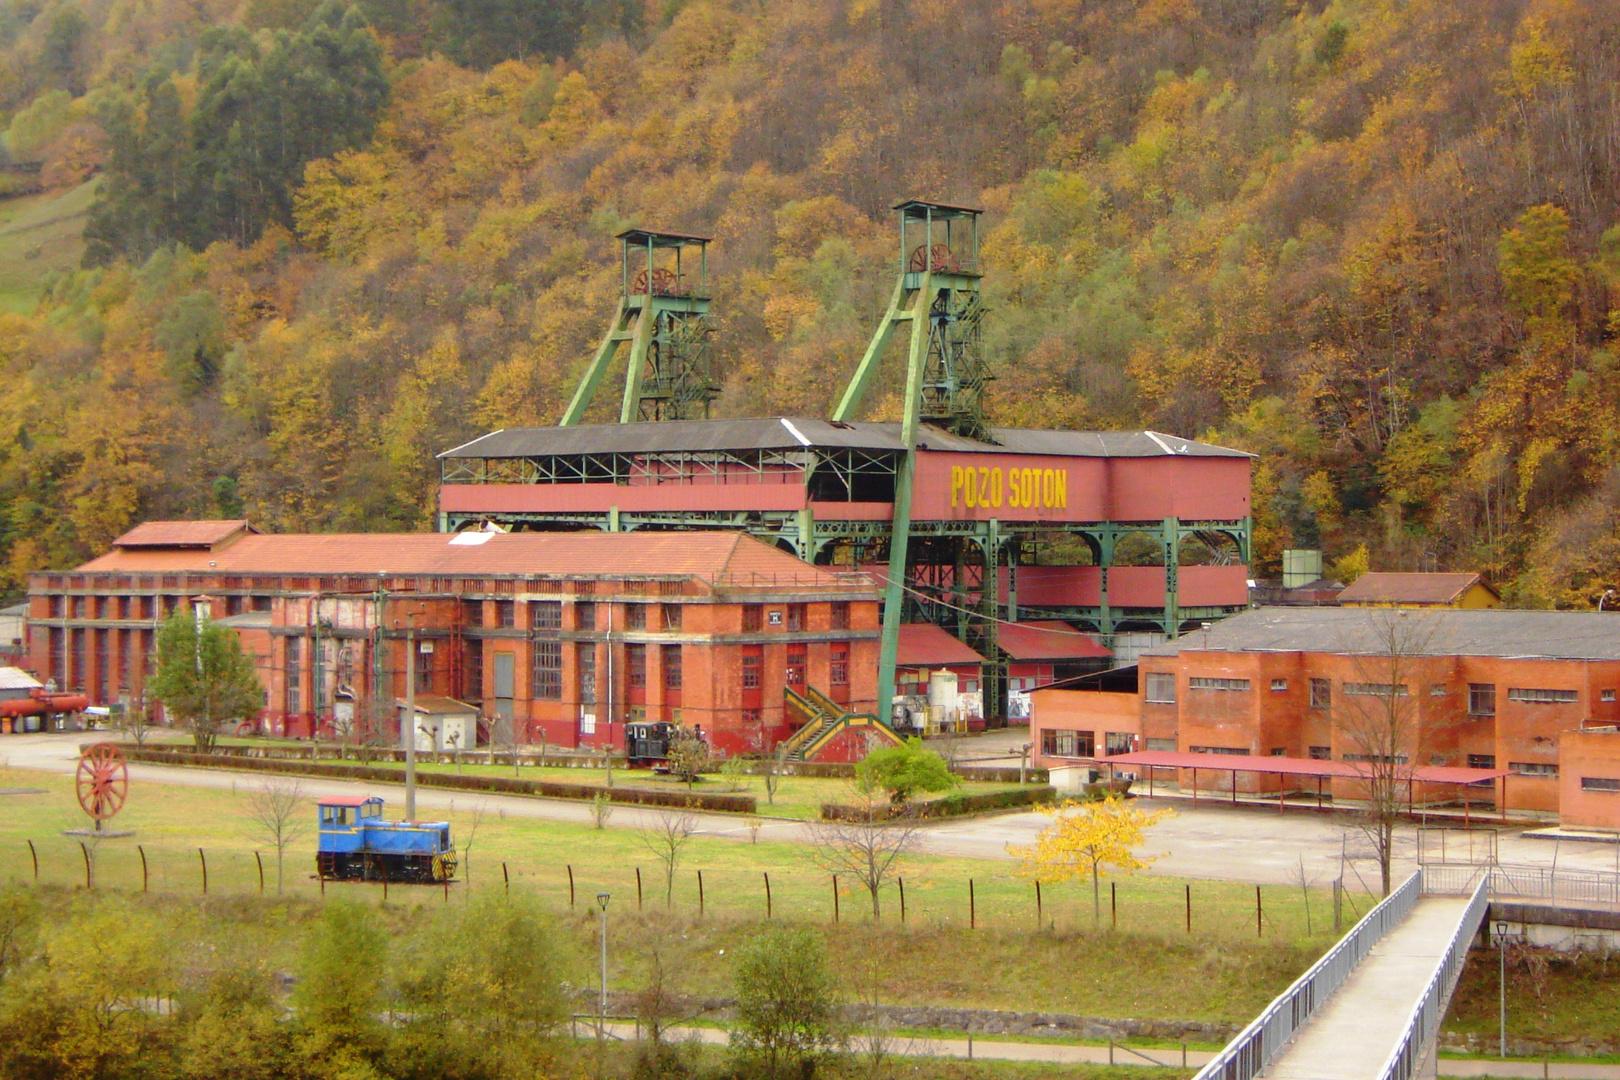 Soton Colliery. Asturias - Northern Spain